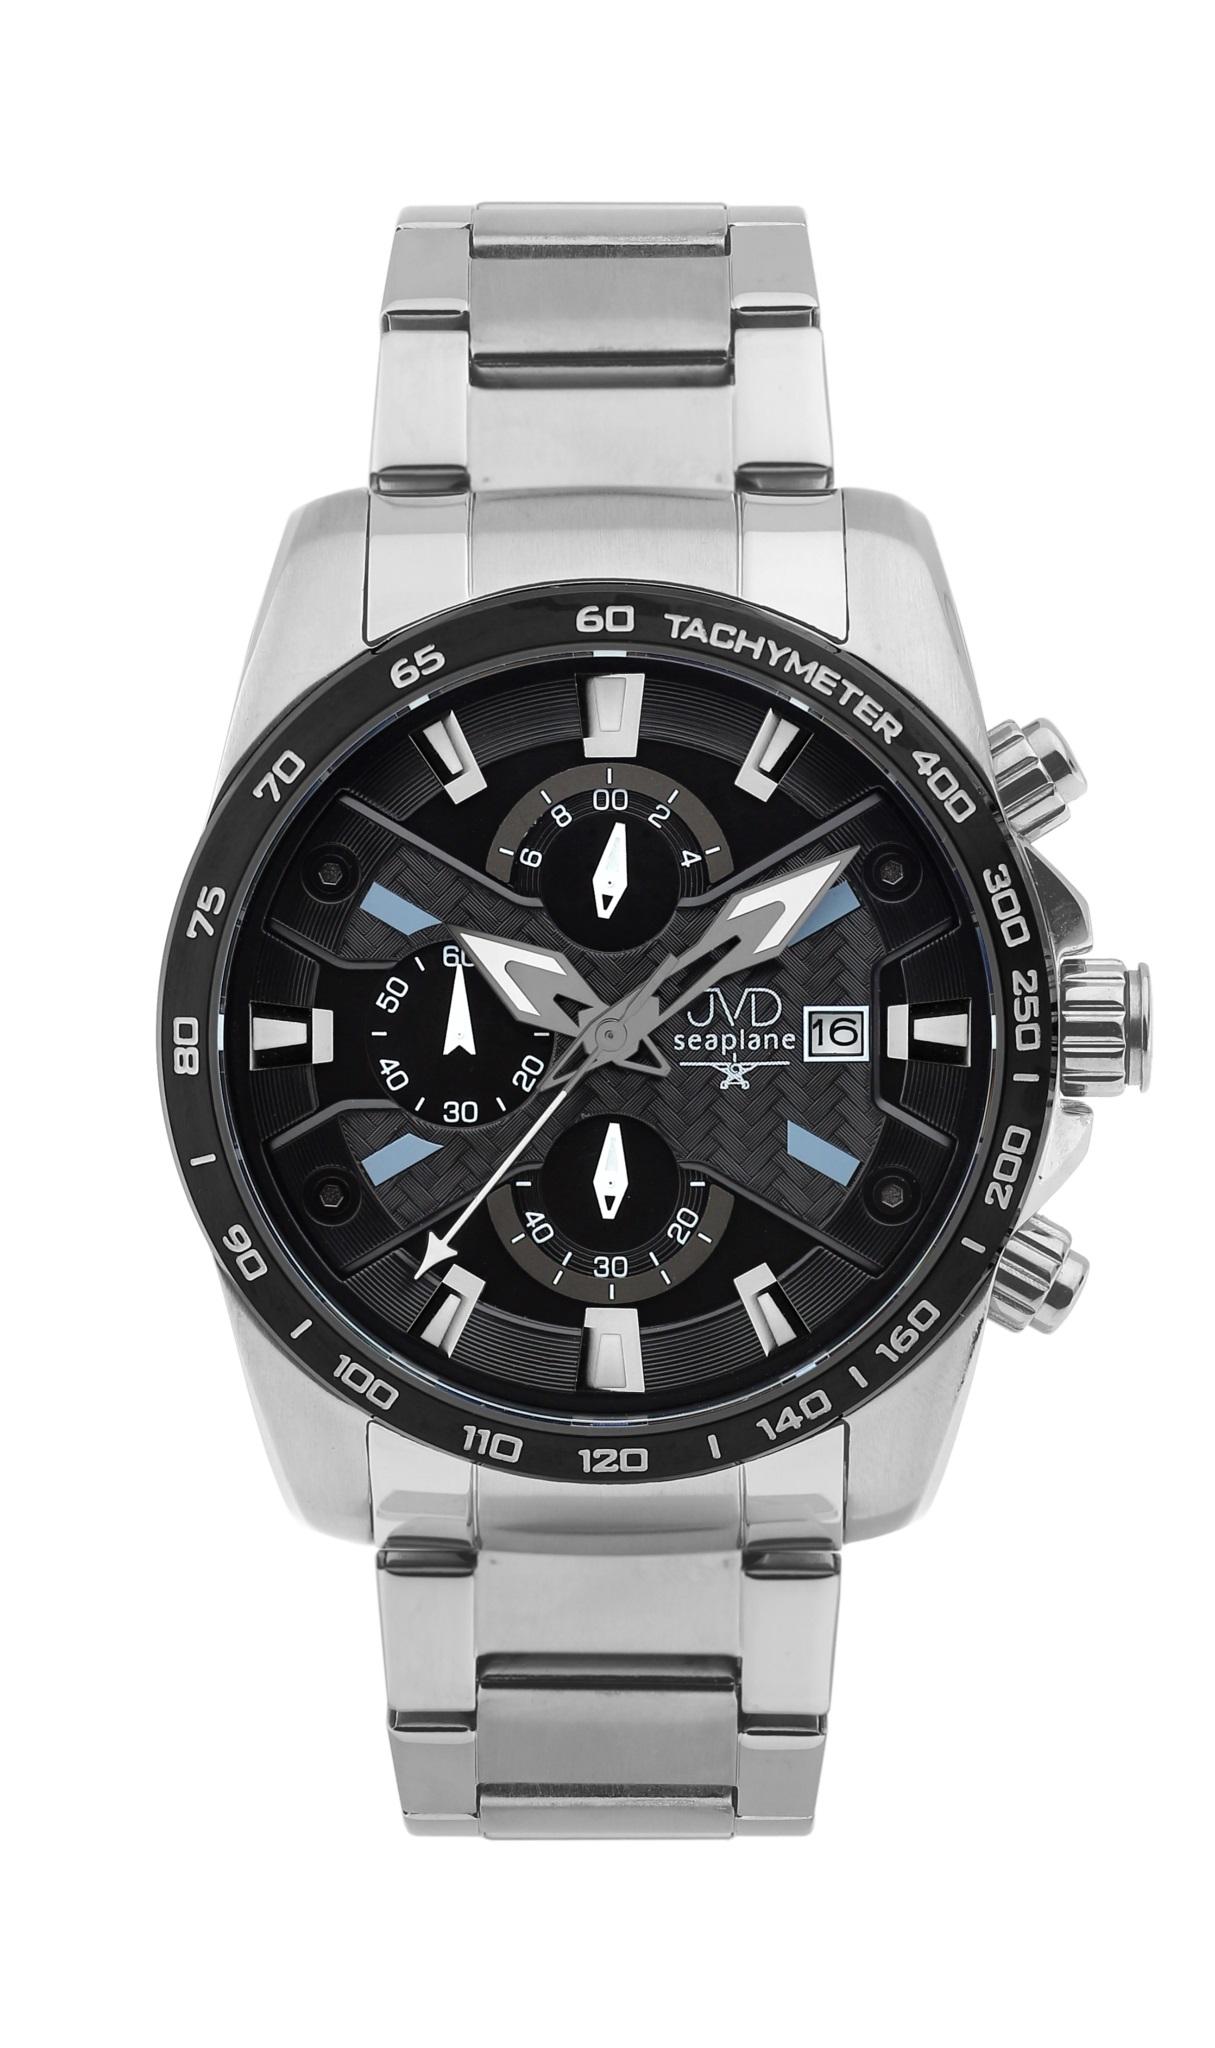 Luxusní vodotěsné sportovní hodinky JVD seaplane W51.3 chornograf se stopkami